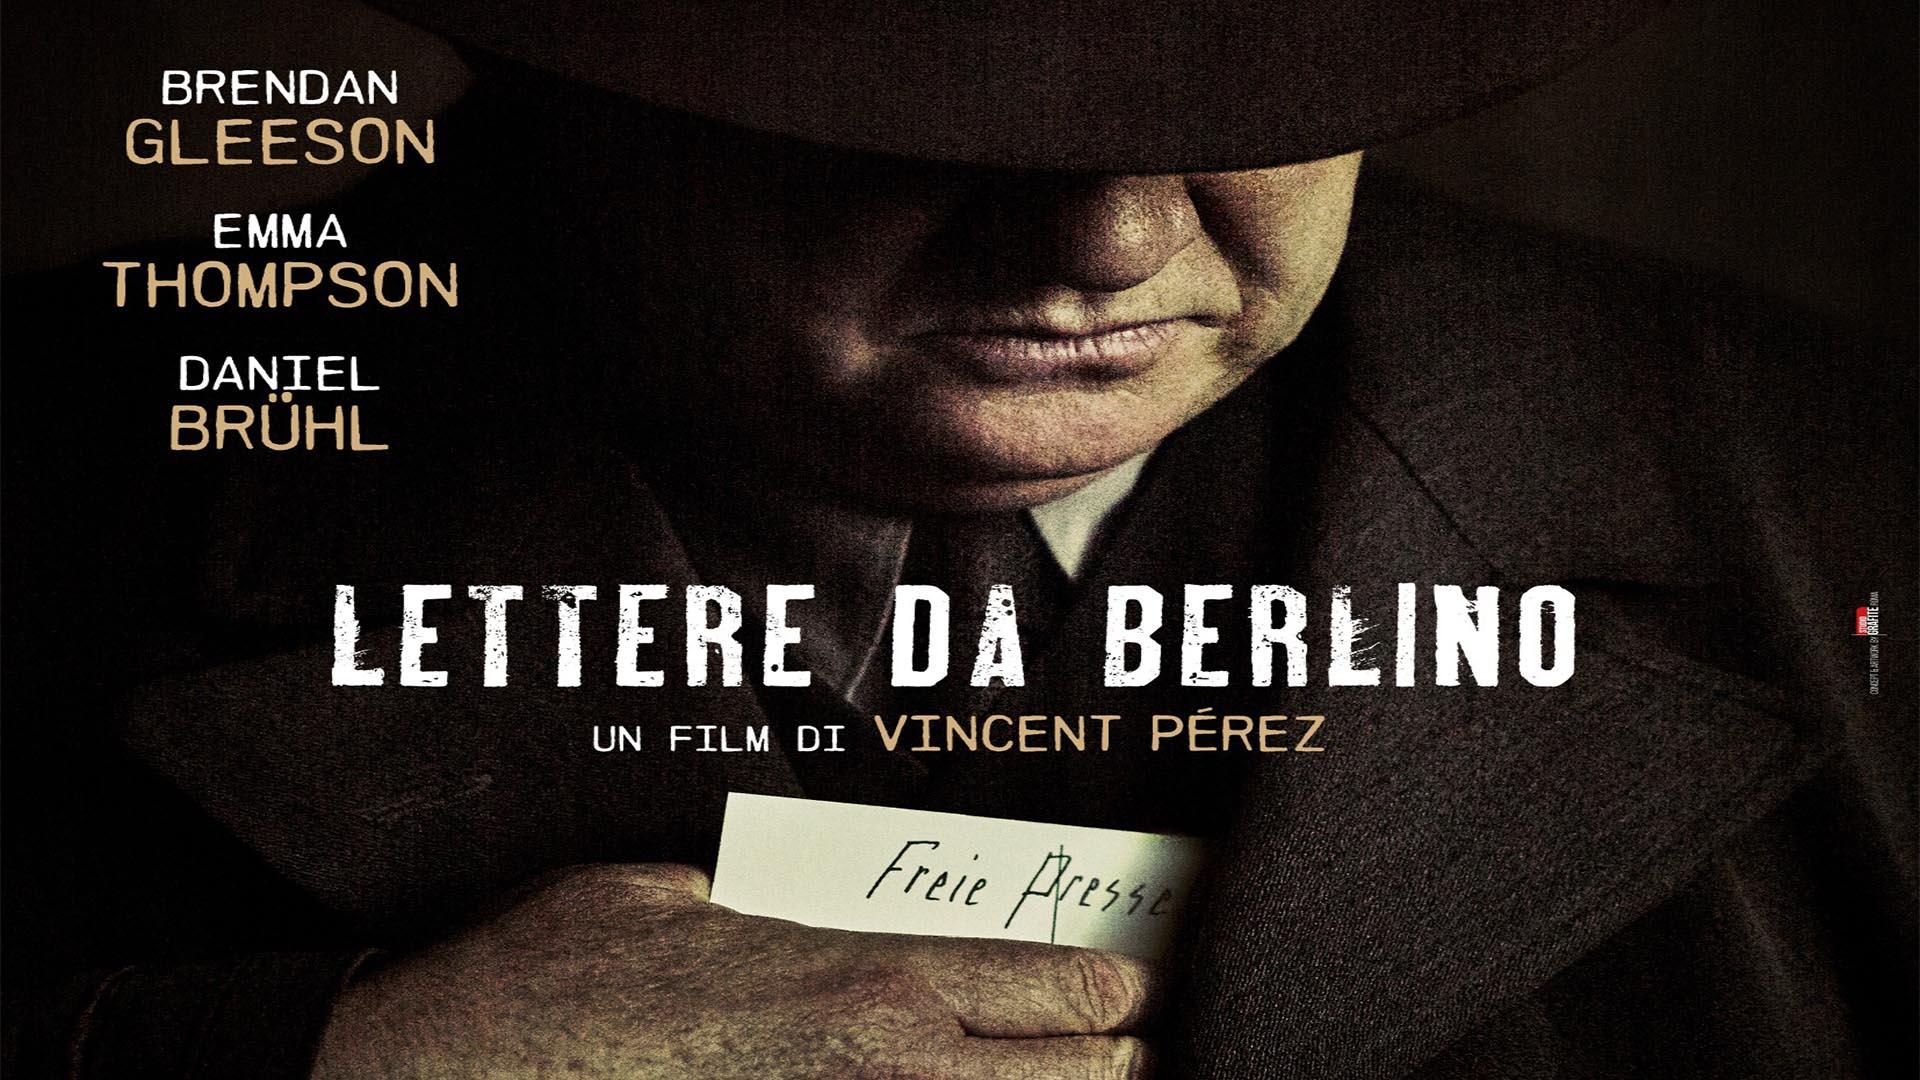 lettere da berlino - photo #4